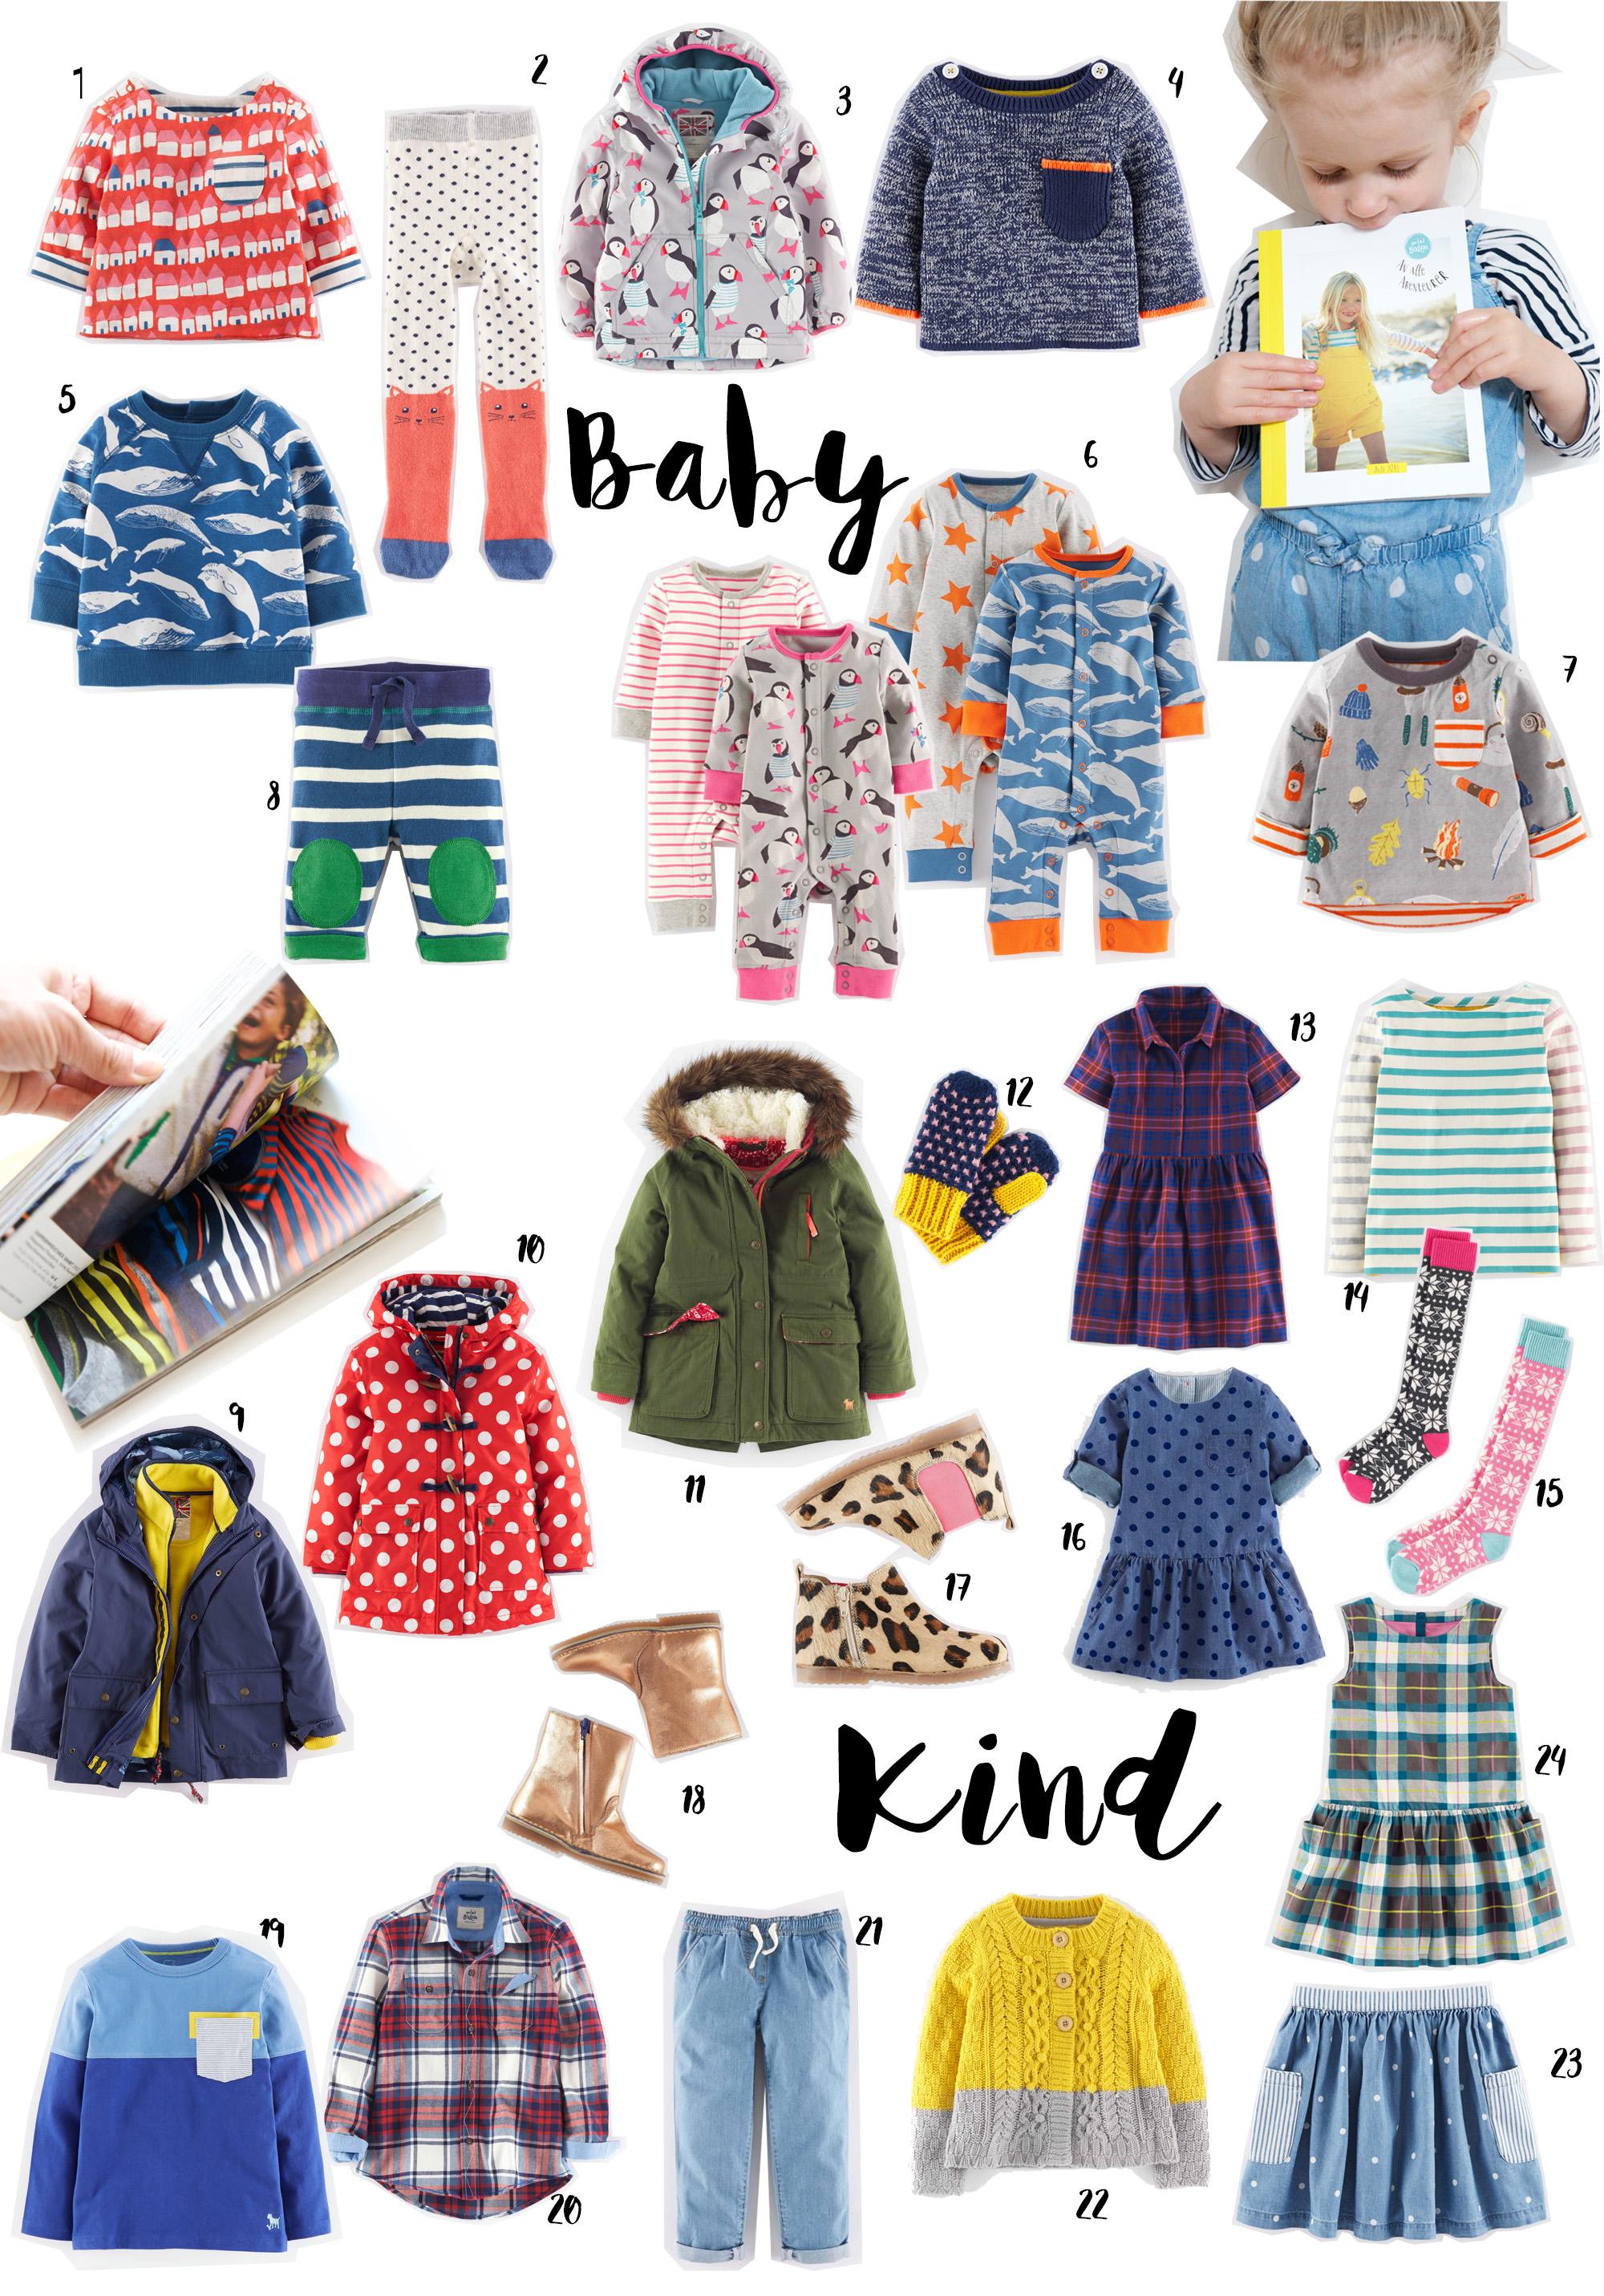 Neue Lieblings-Looks von Boden - Kinder | Pinkepank